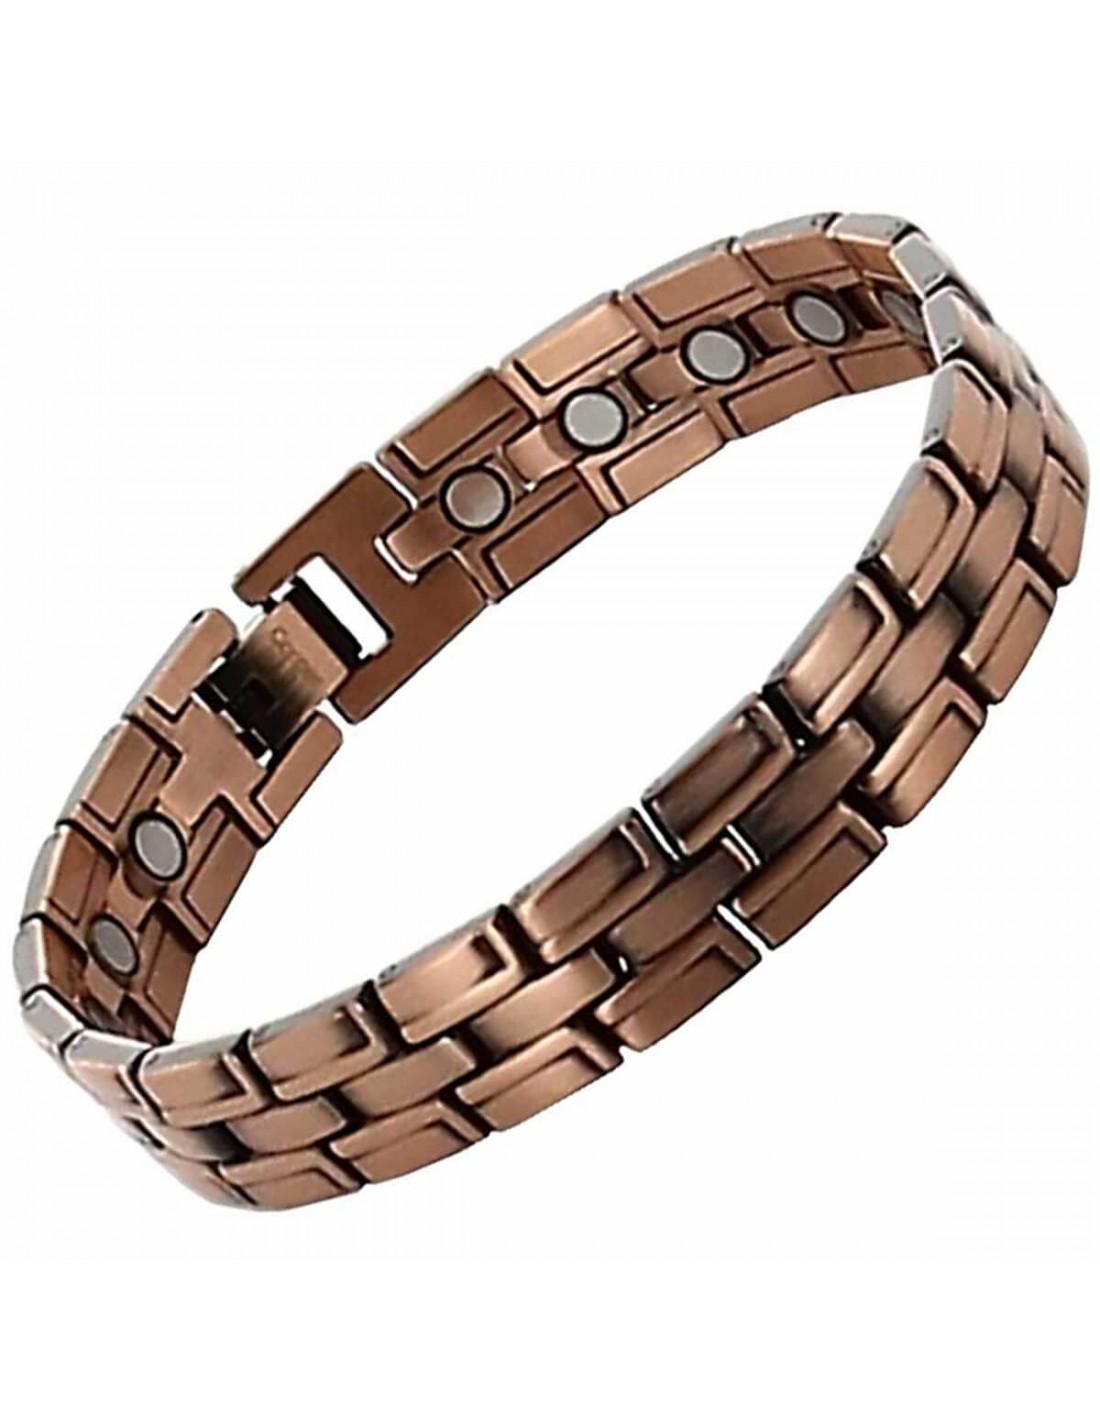 vente chaude en ligne 90981 aa499 Bracelet cuivre avec aimants pour aider à réduire douleurs et stress |  Axstore-market.fr